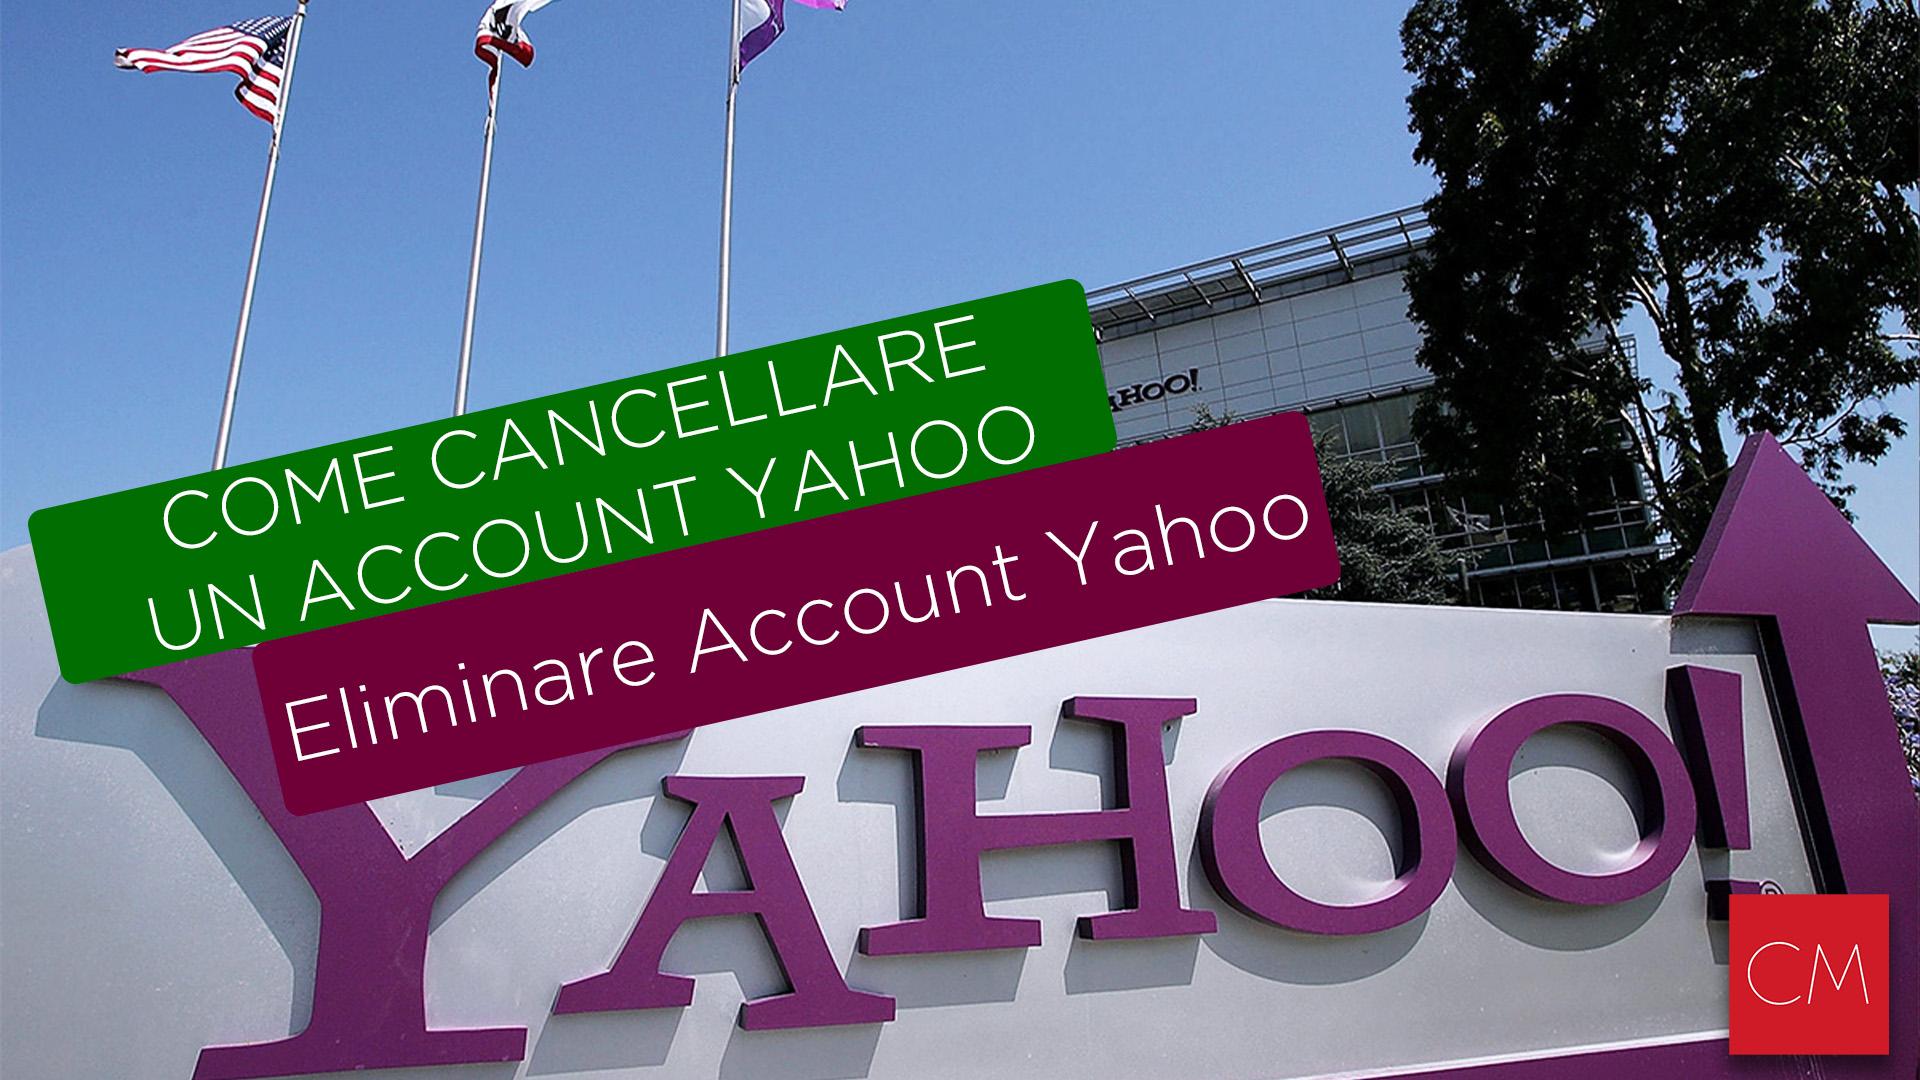 Come cancellare un Account Yahoo | Eliminare Account Yahoo